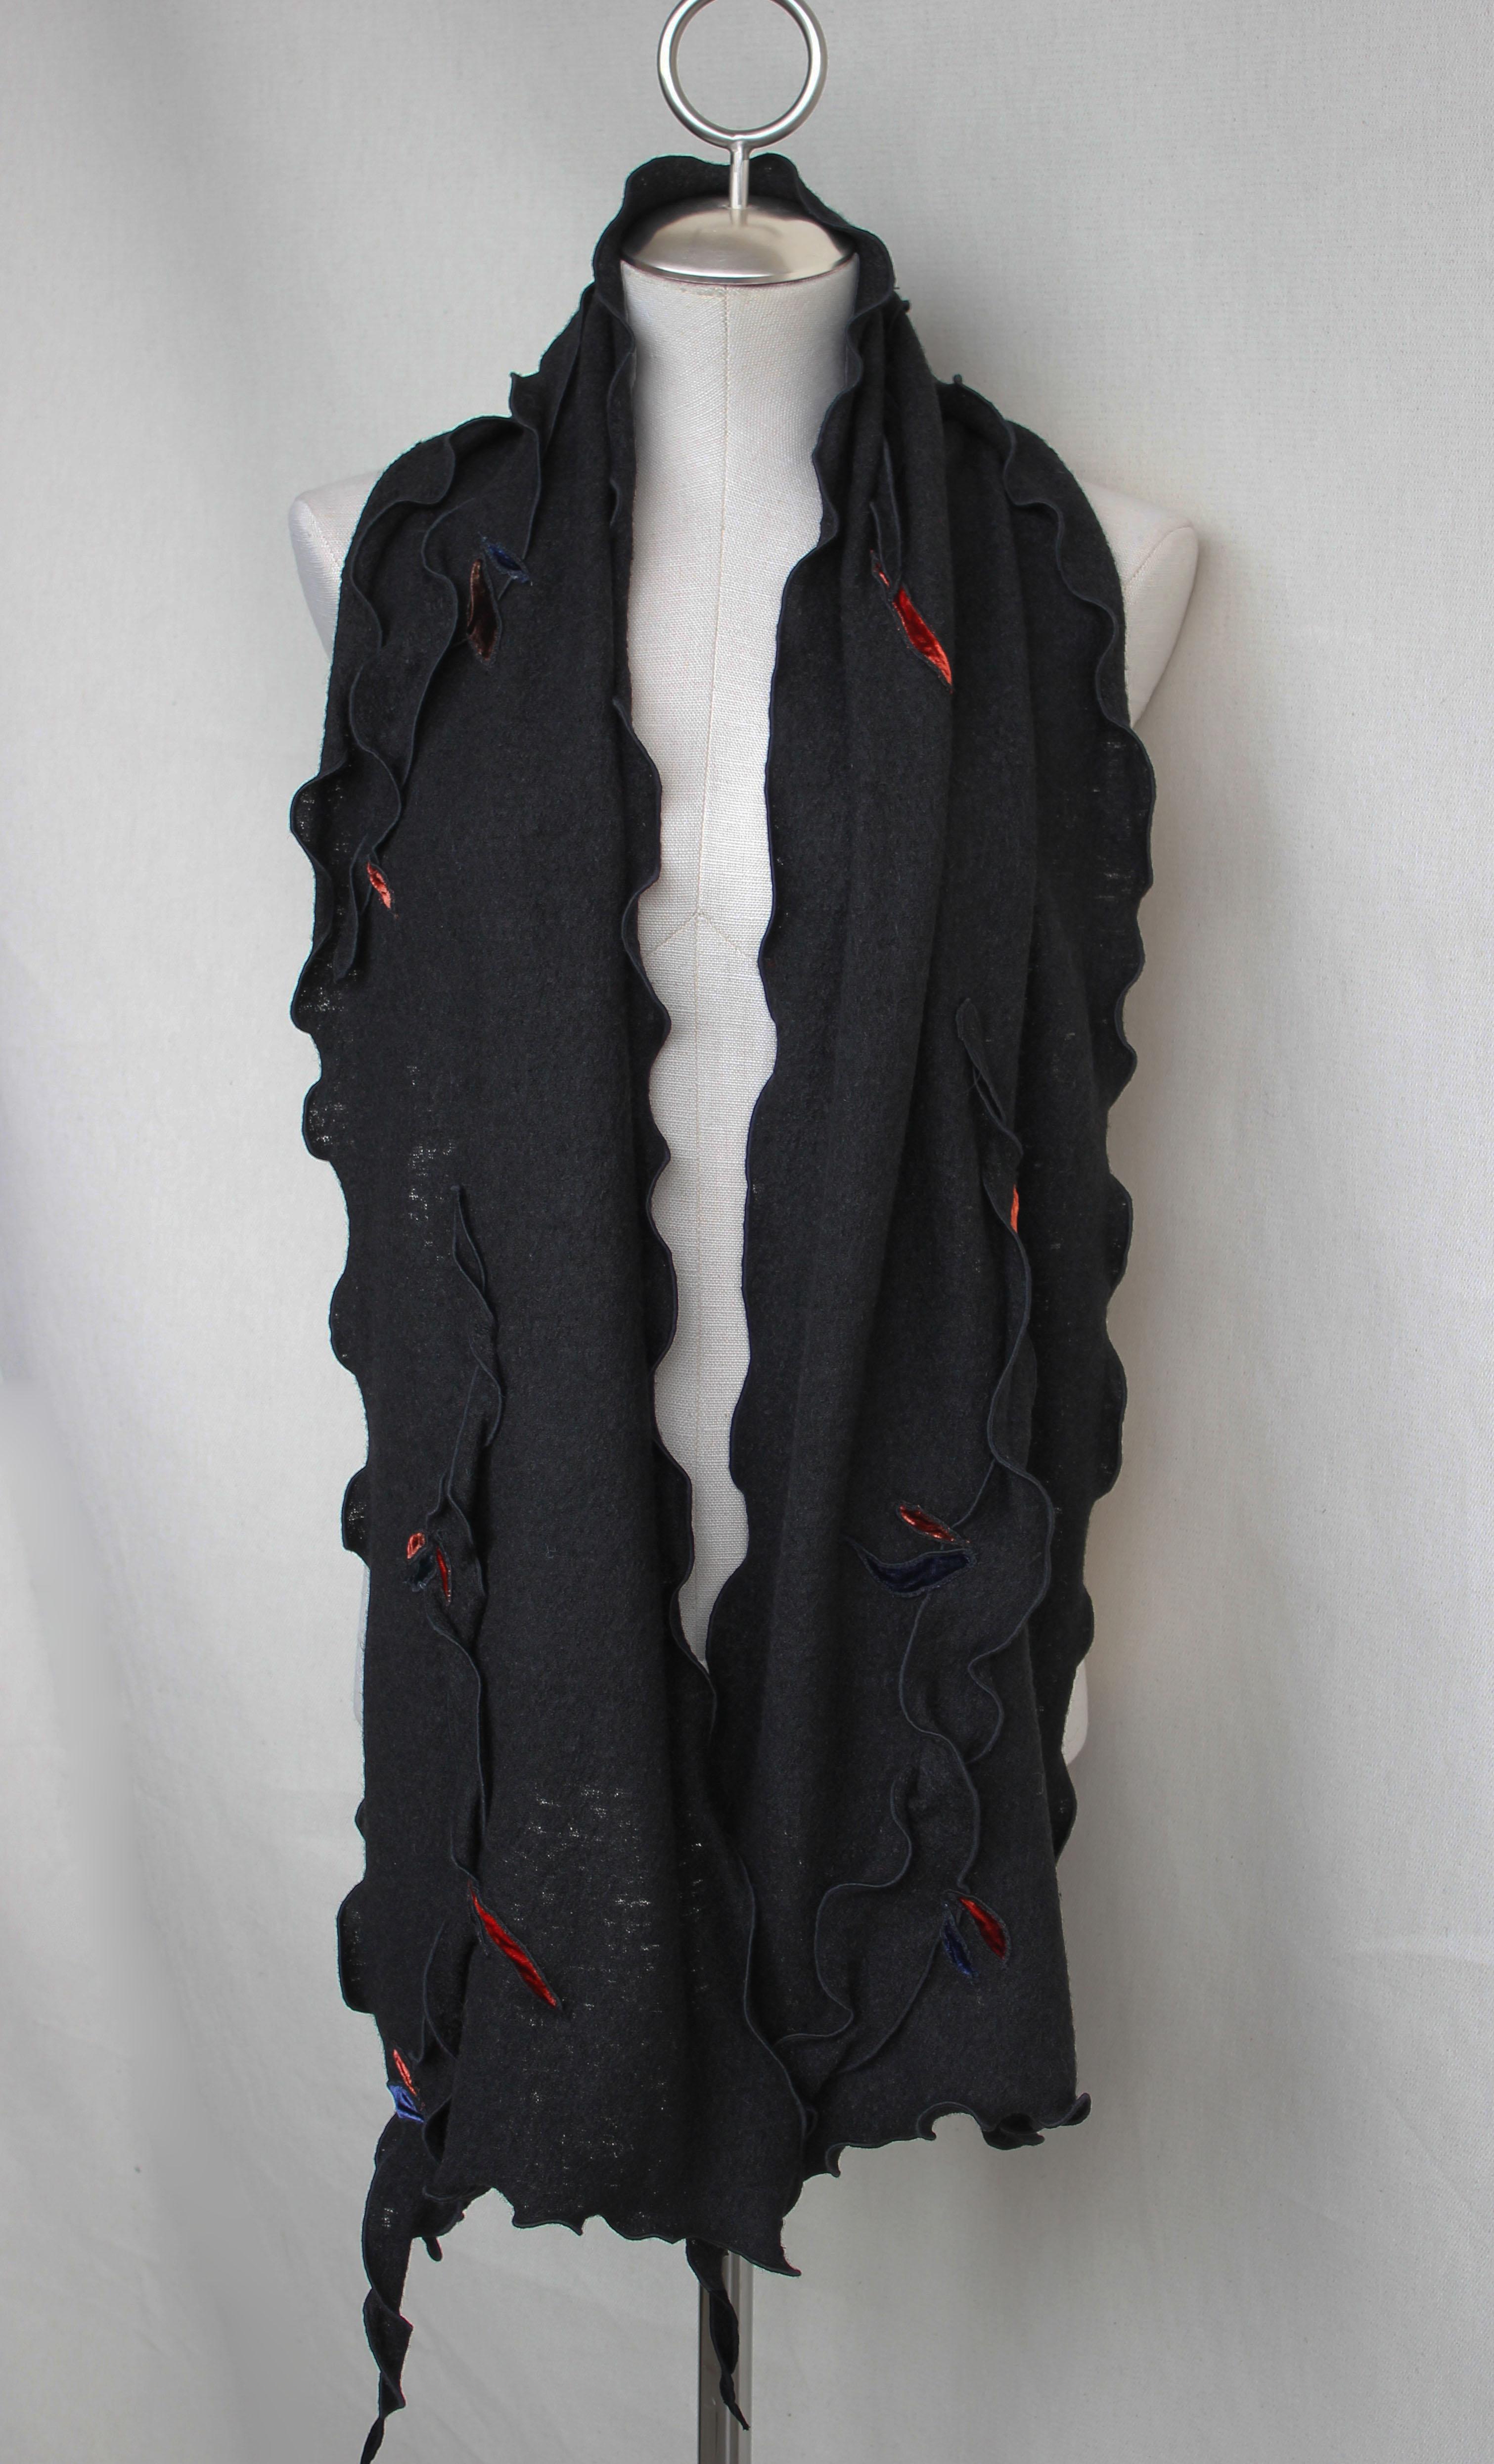 Châle noir avec liséré